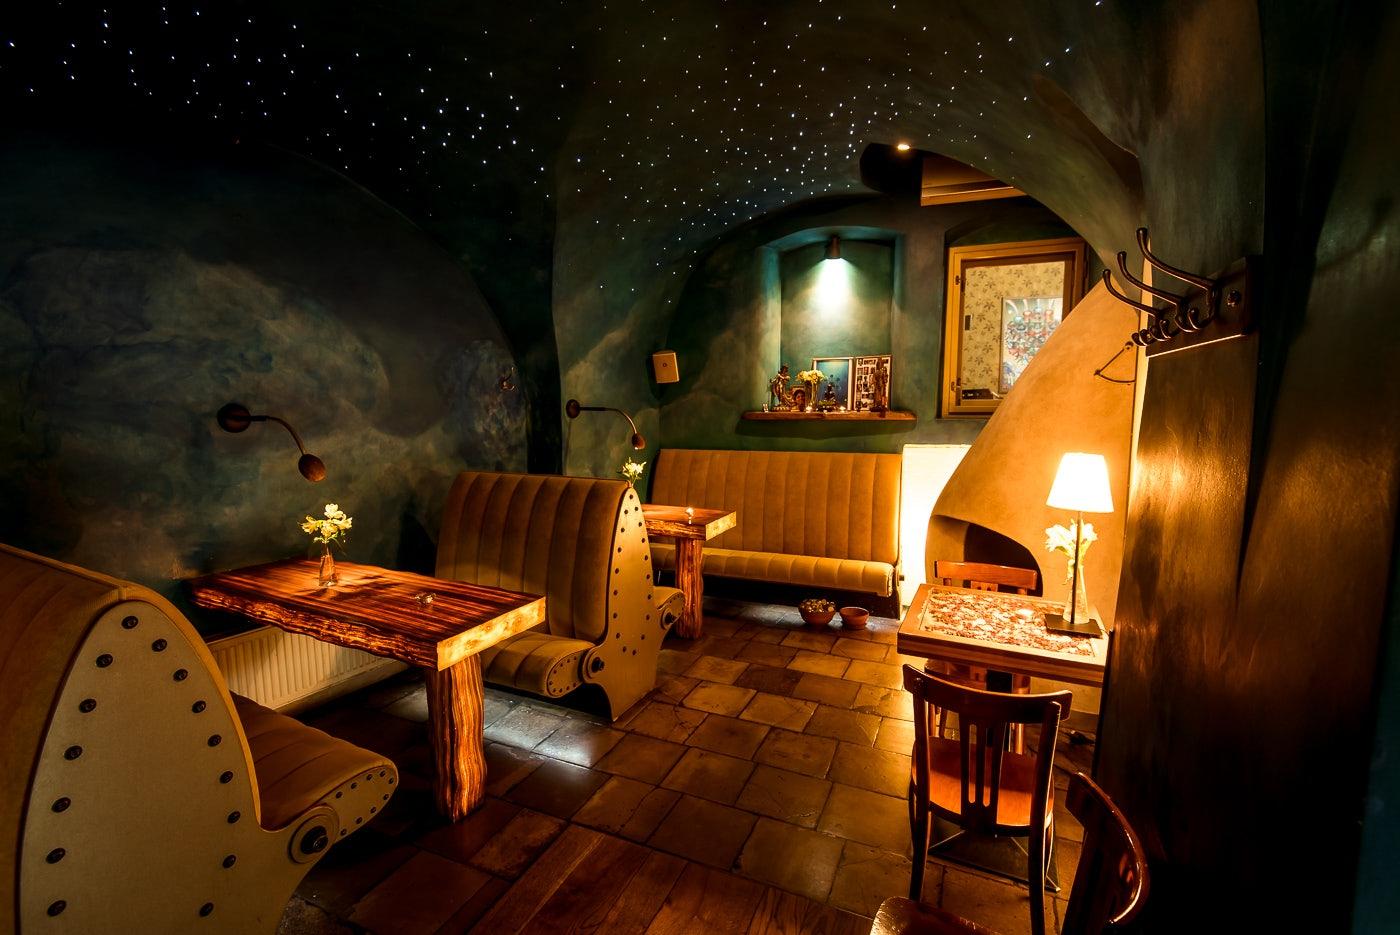 cozy interior of Lehka Hlava